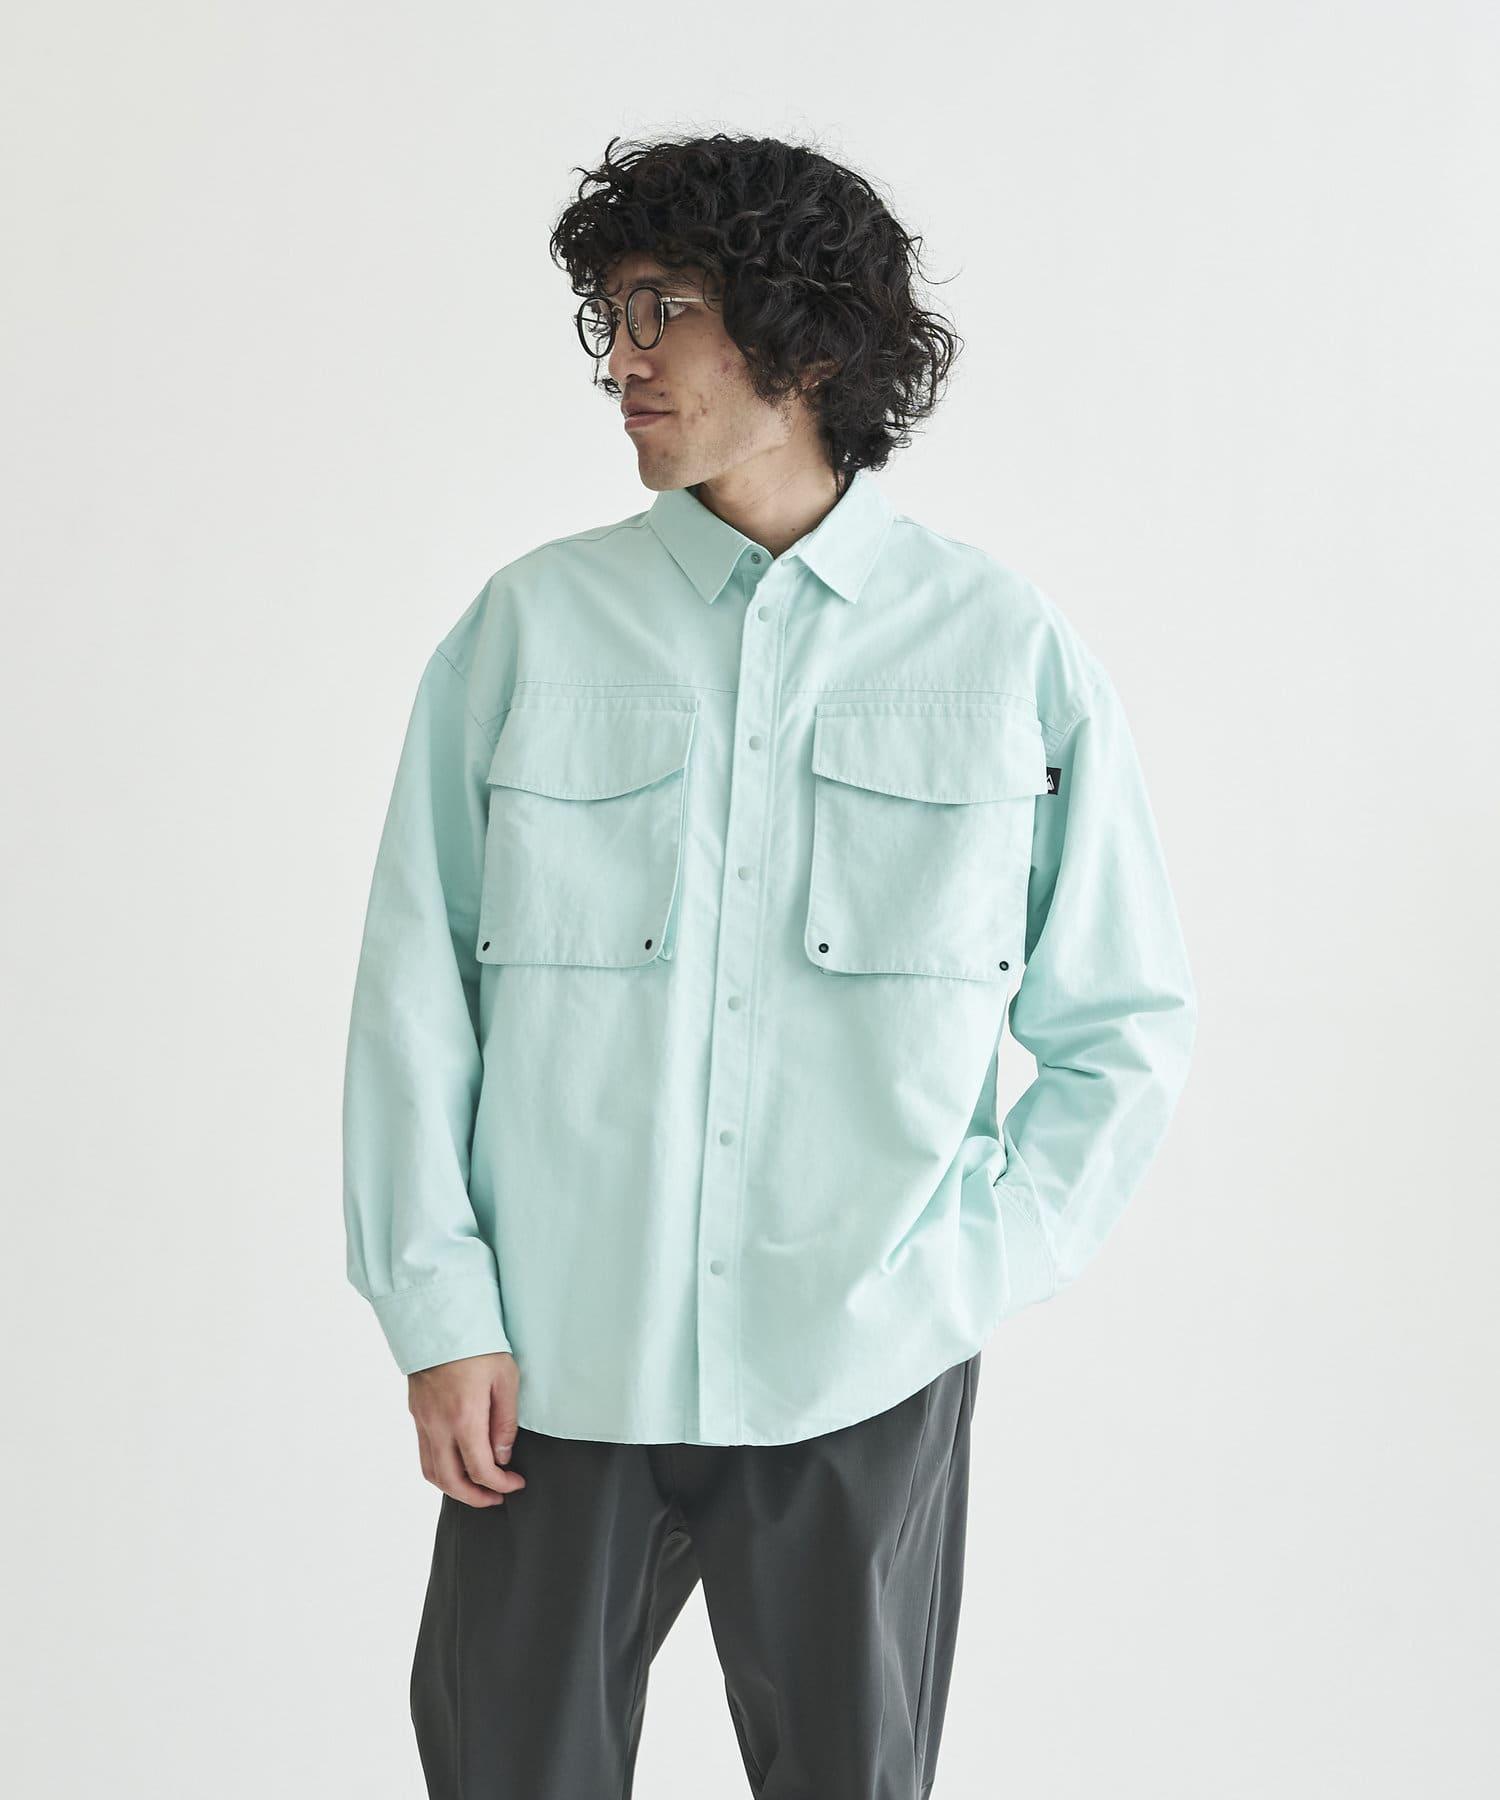 CPCM(シーピーシーエム) FIRST DOWN / ファーストダウン ベンチレーションロングスリーブシャツ